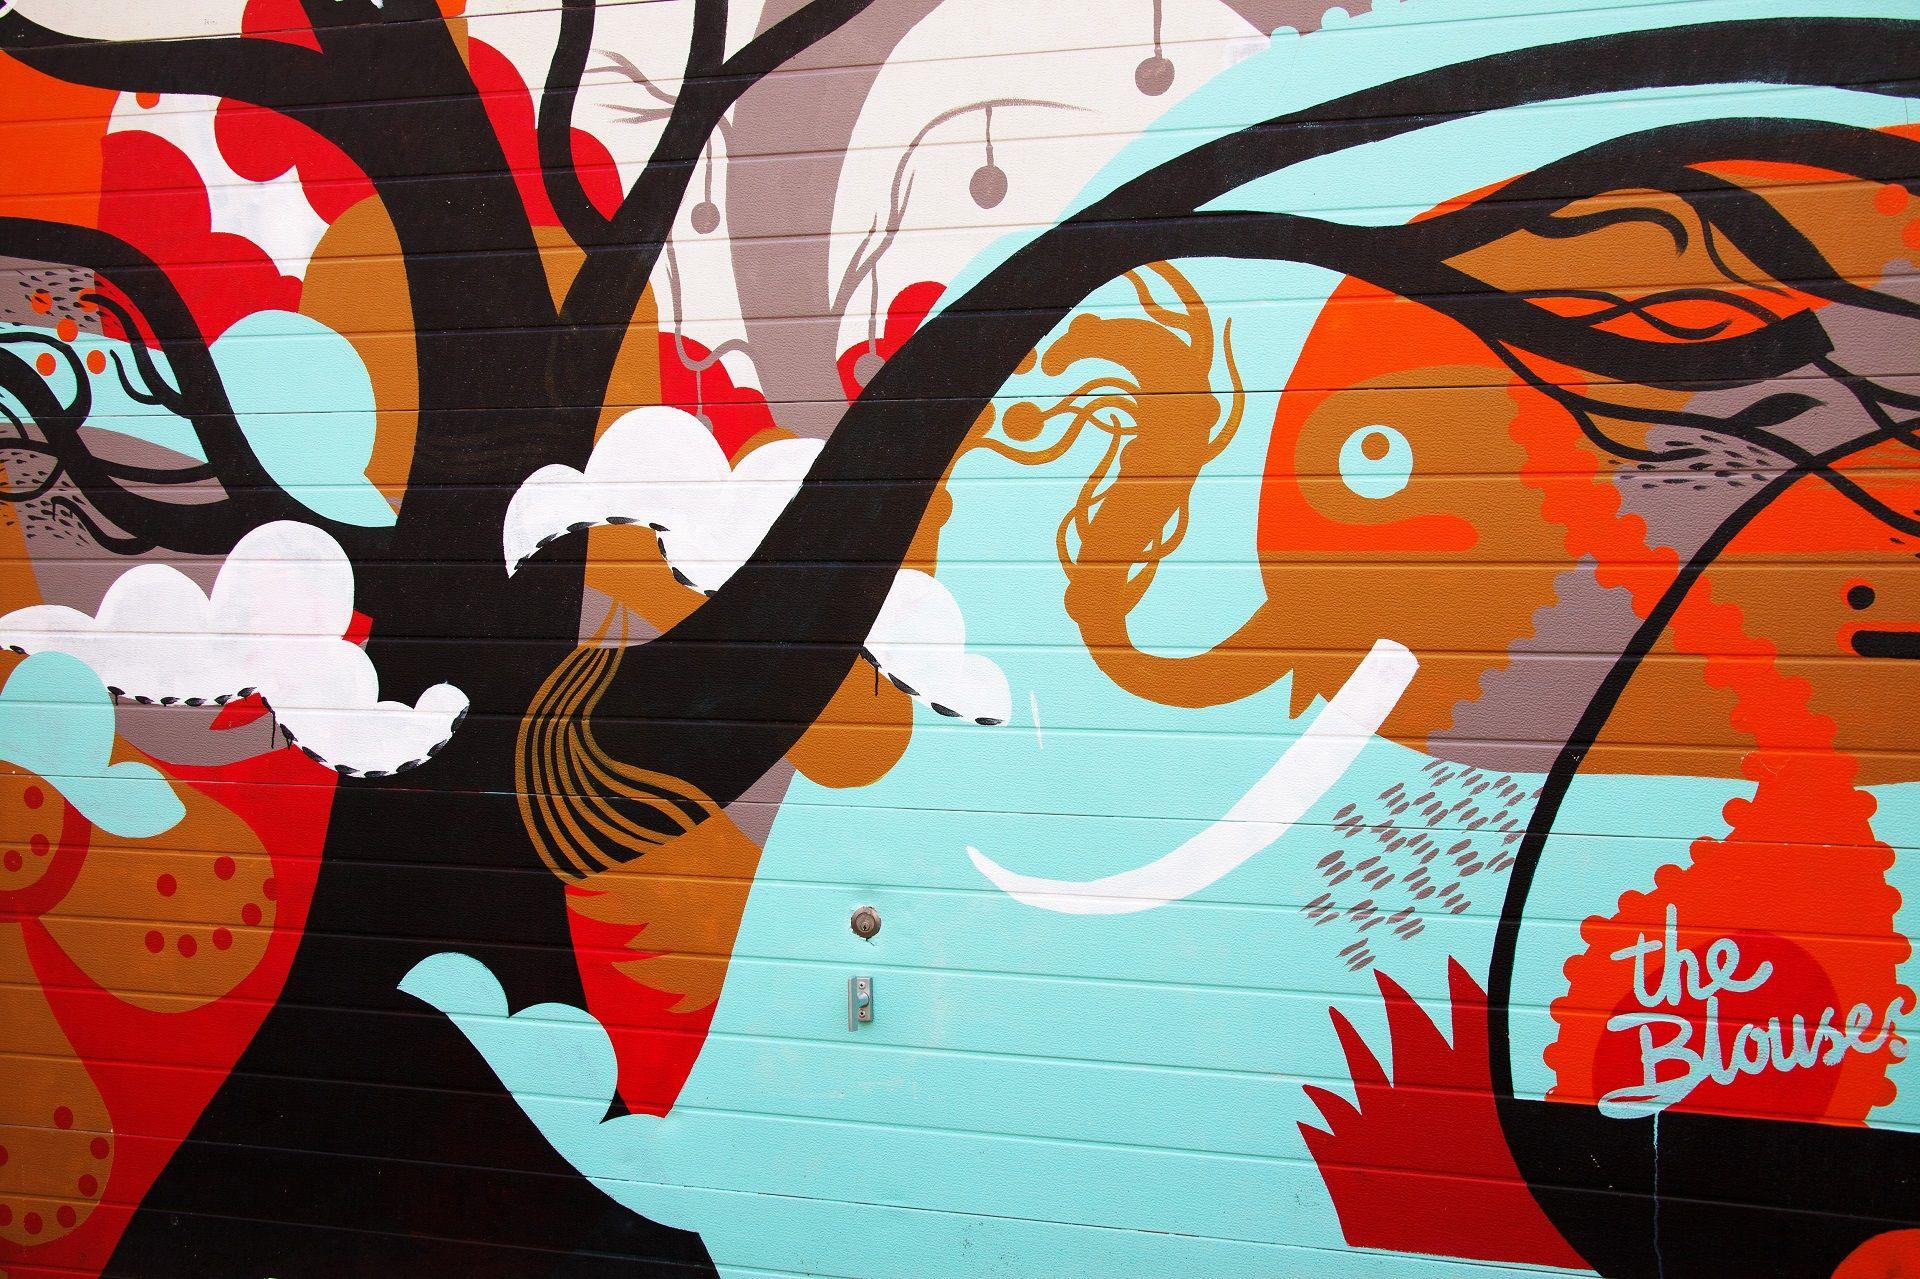 Graffiti art wallpaper - Hd Graffiti Wallpapers Wallpaper